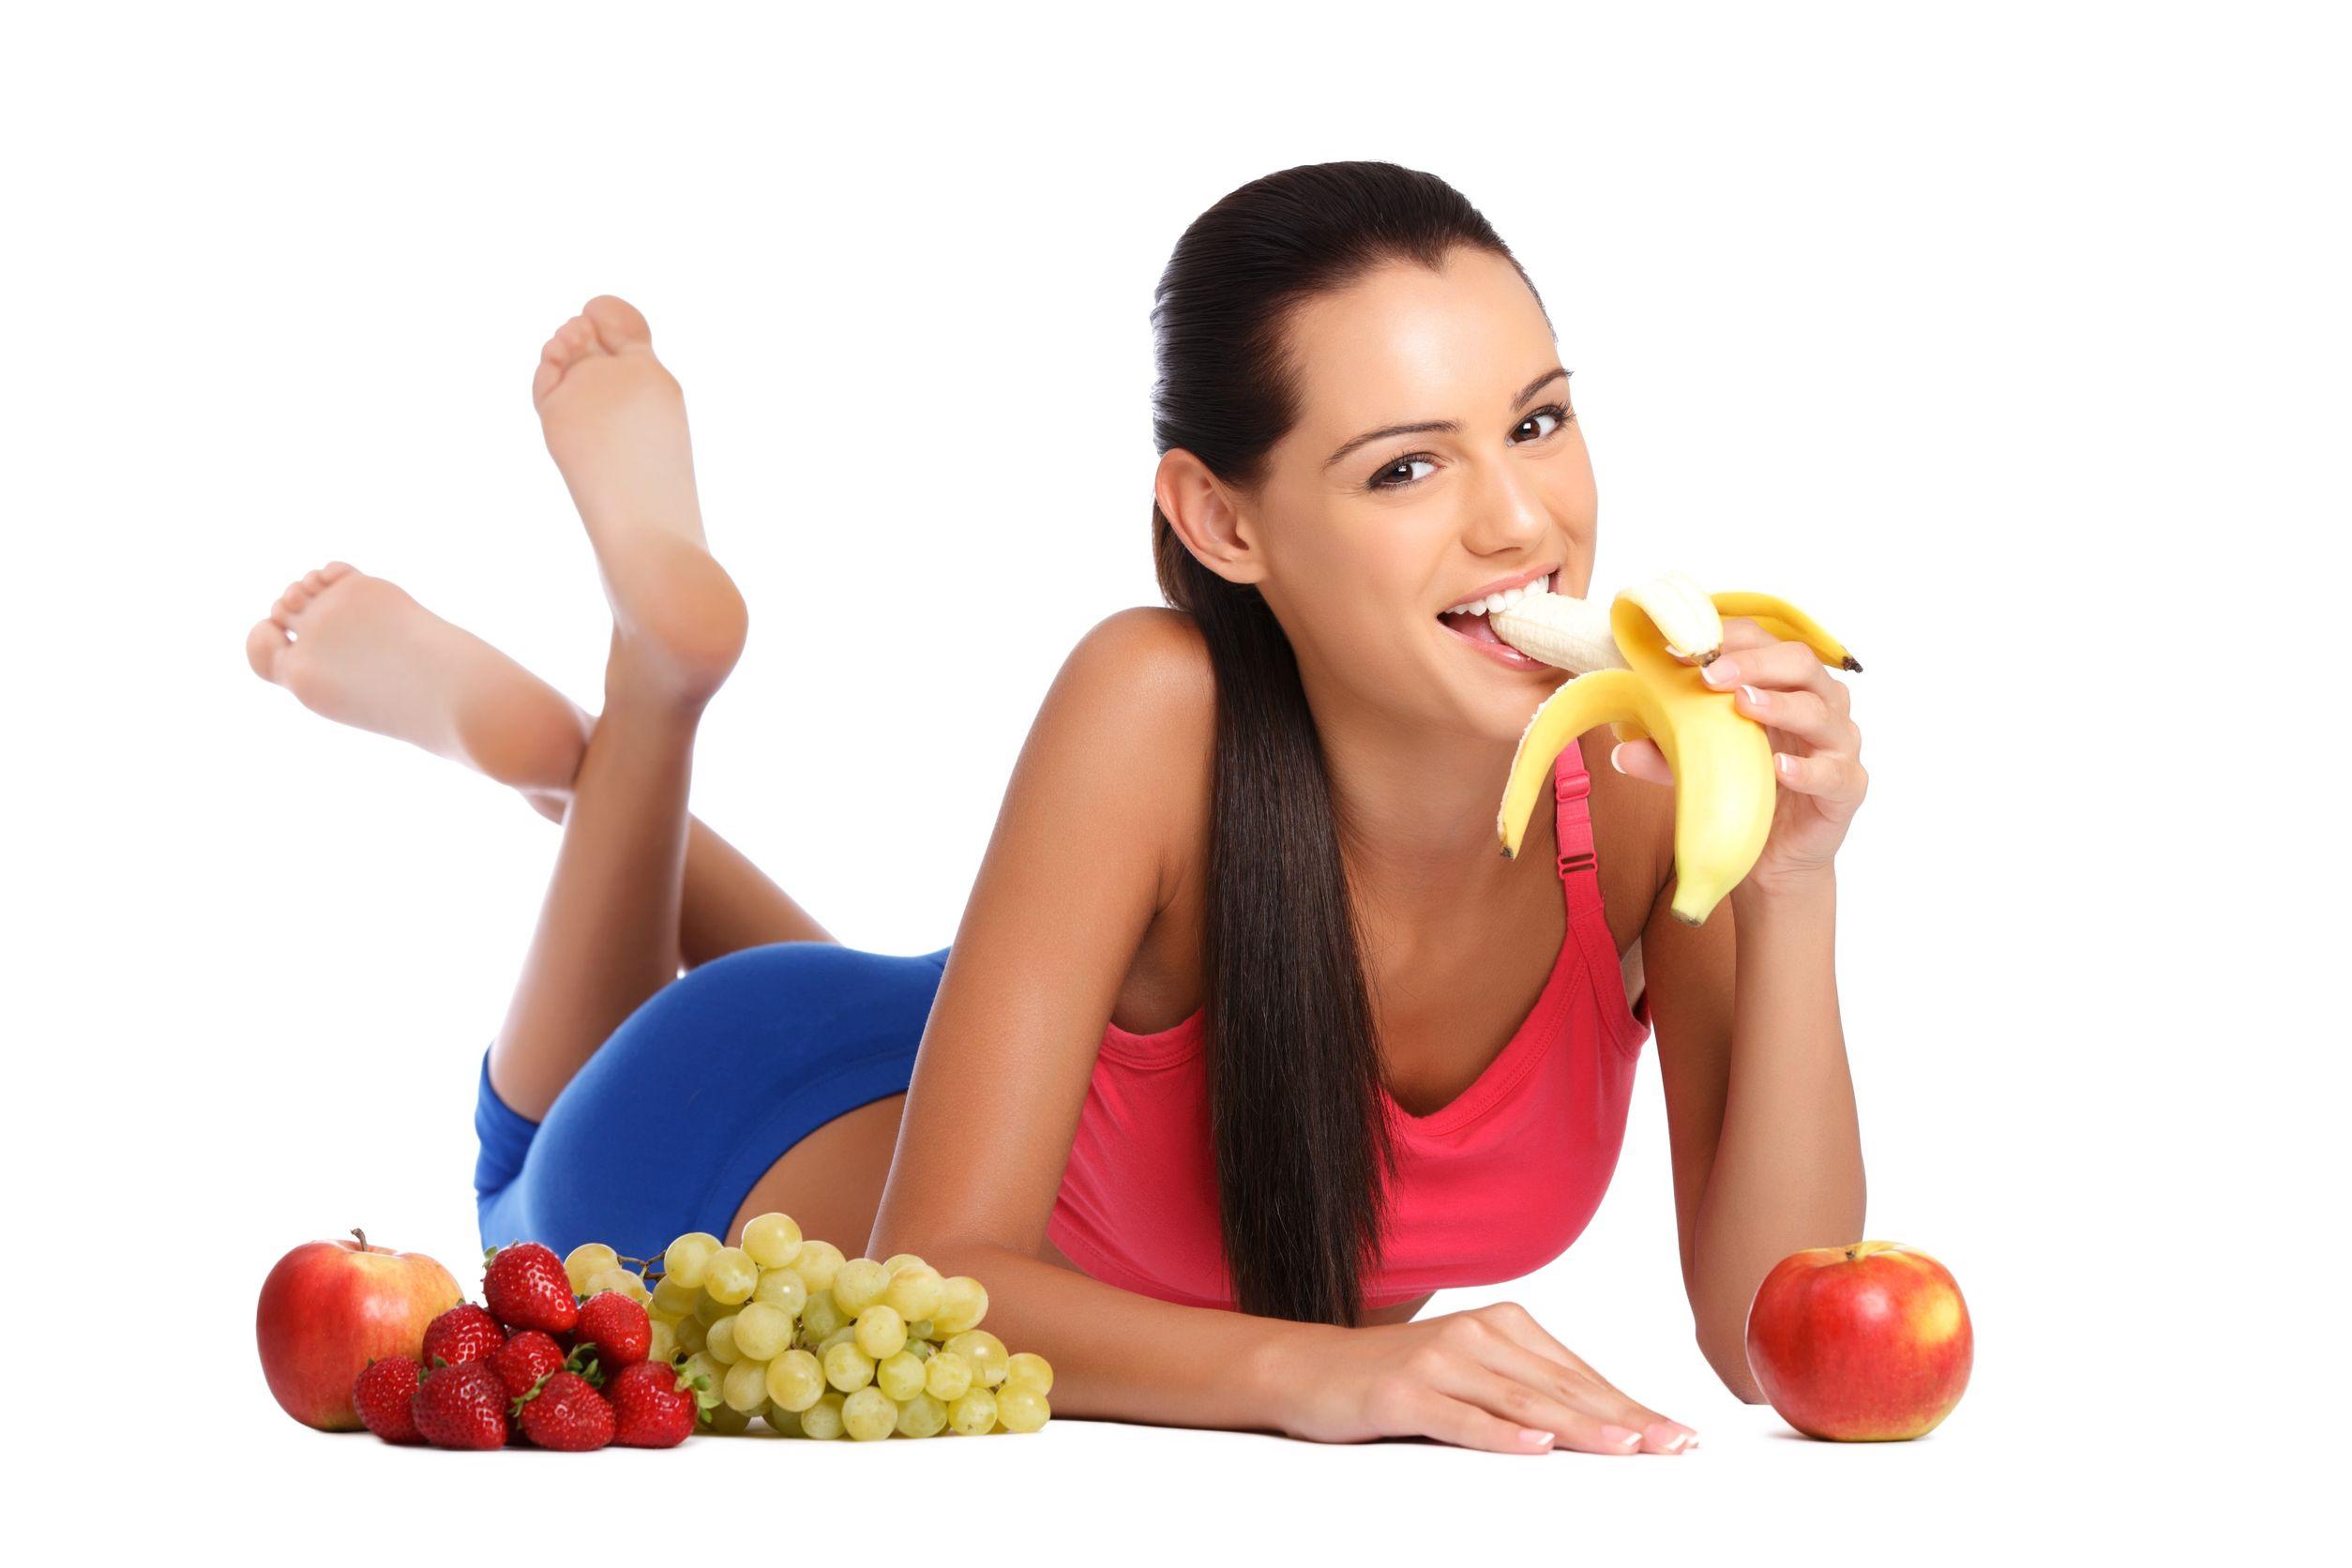 ダイエット果物食べるタイミング朝